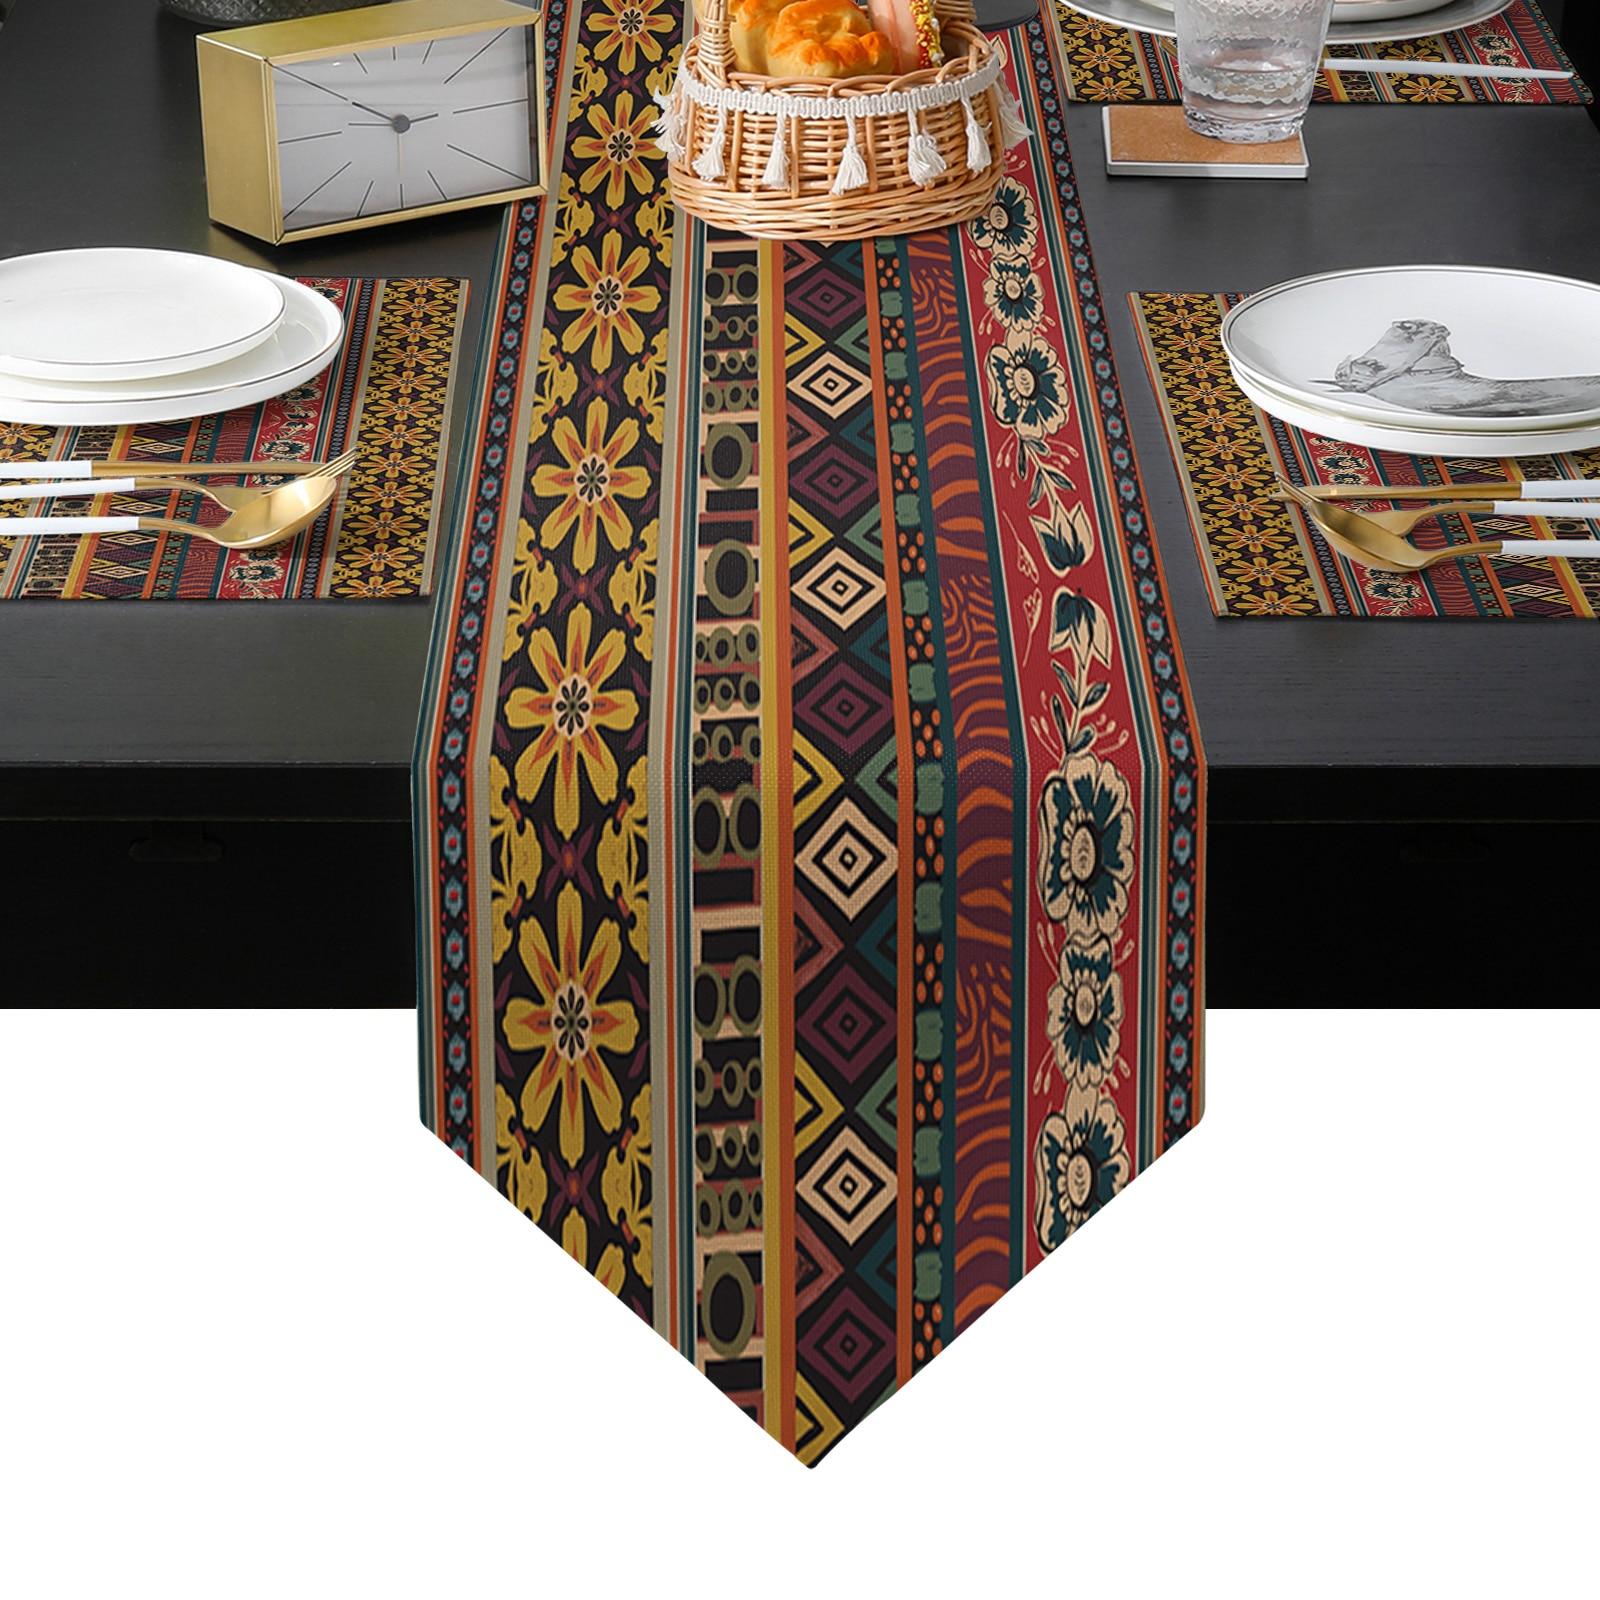 الرجعية الأوروبية نمط الجدول عداء الجدول الحصير غطاء للمنزل الزفاف مأدبة مهرجان حفلة التموين فندق الجدول الديكور